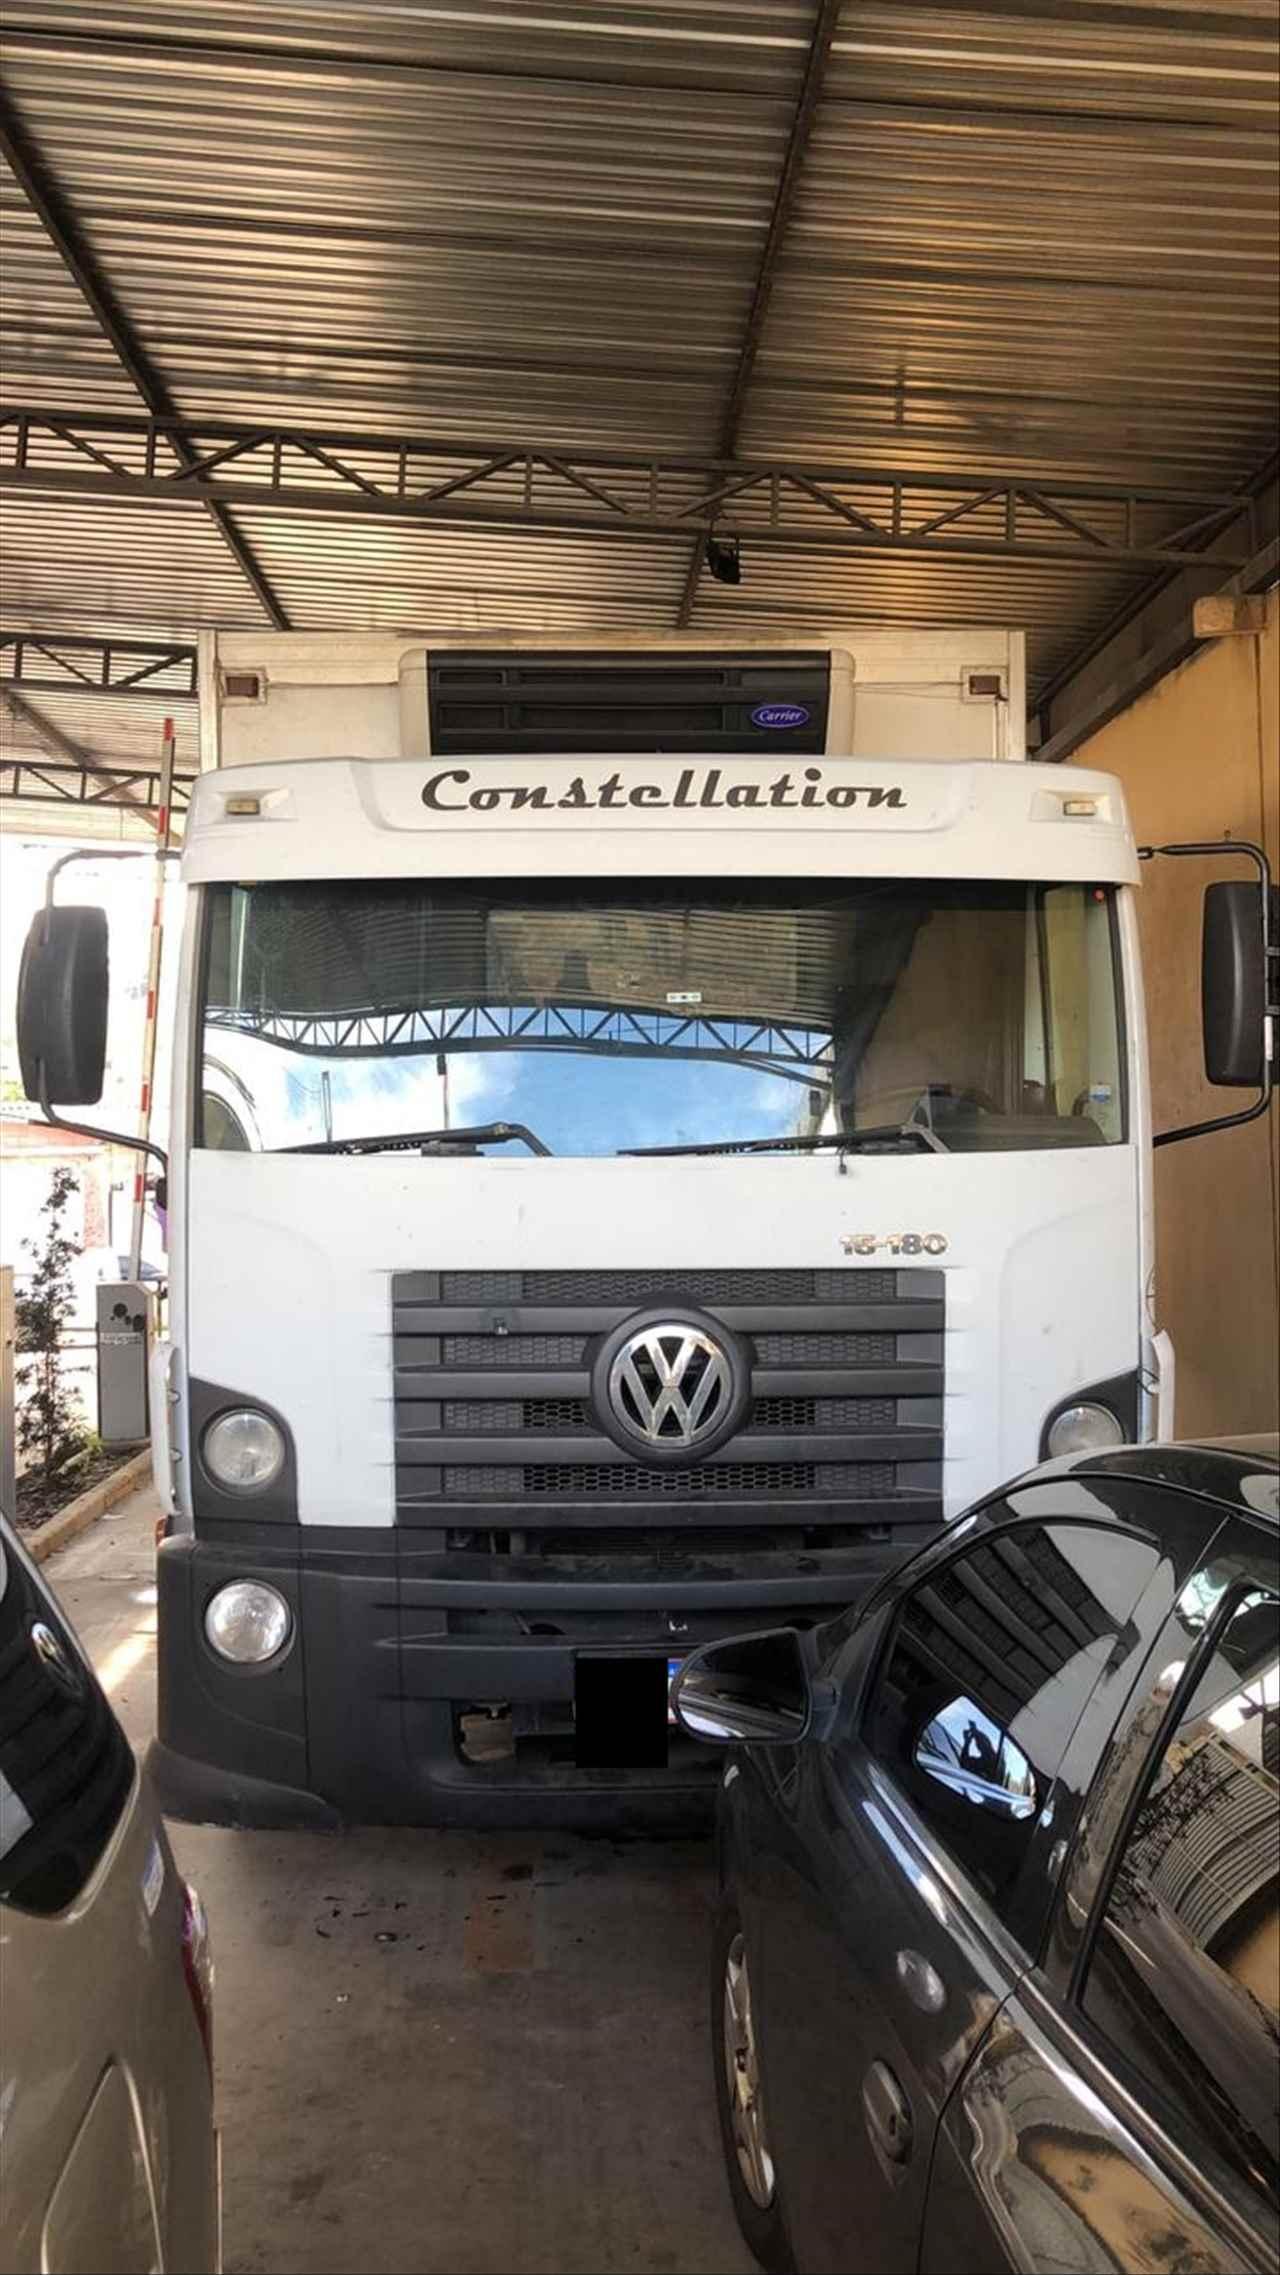 CAMINHAO VOLKSWAGEN VW 15180 Chassis Toco 4x2 Wilson Caminhões RIBEIRAO PIRES SÃO PAULO SP